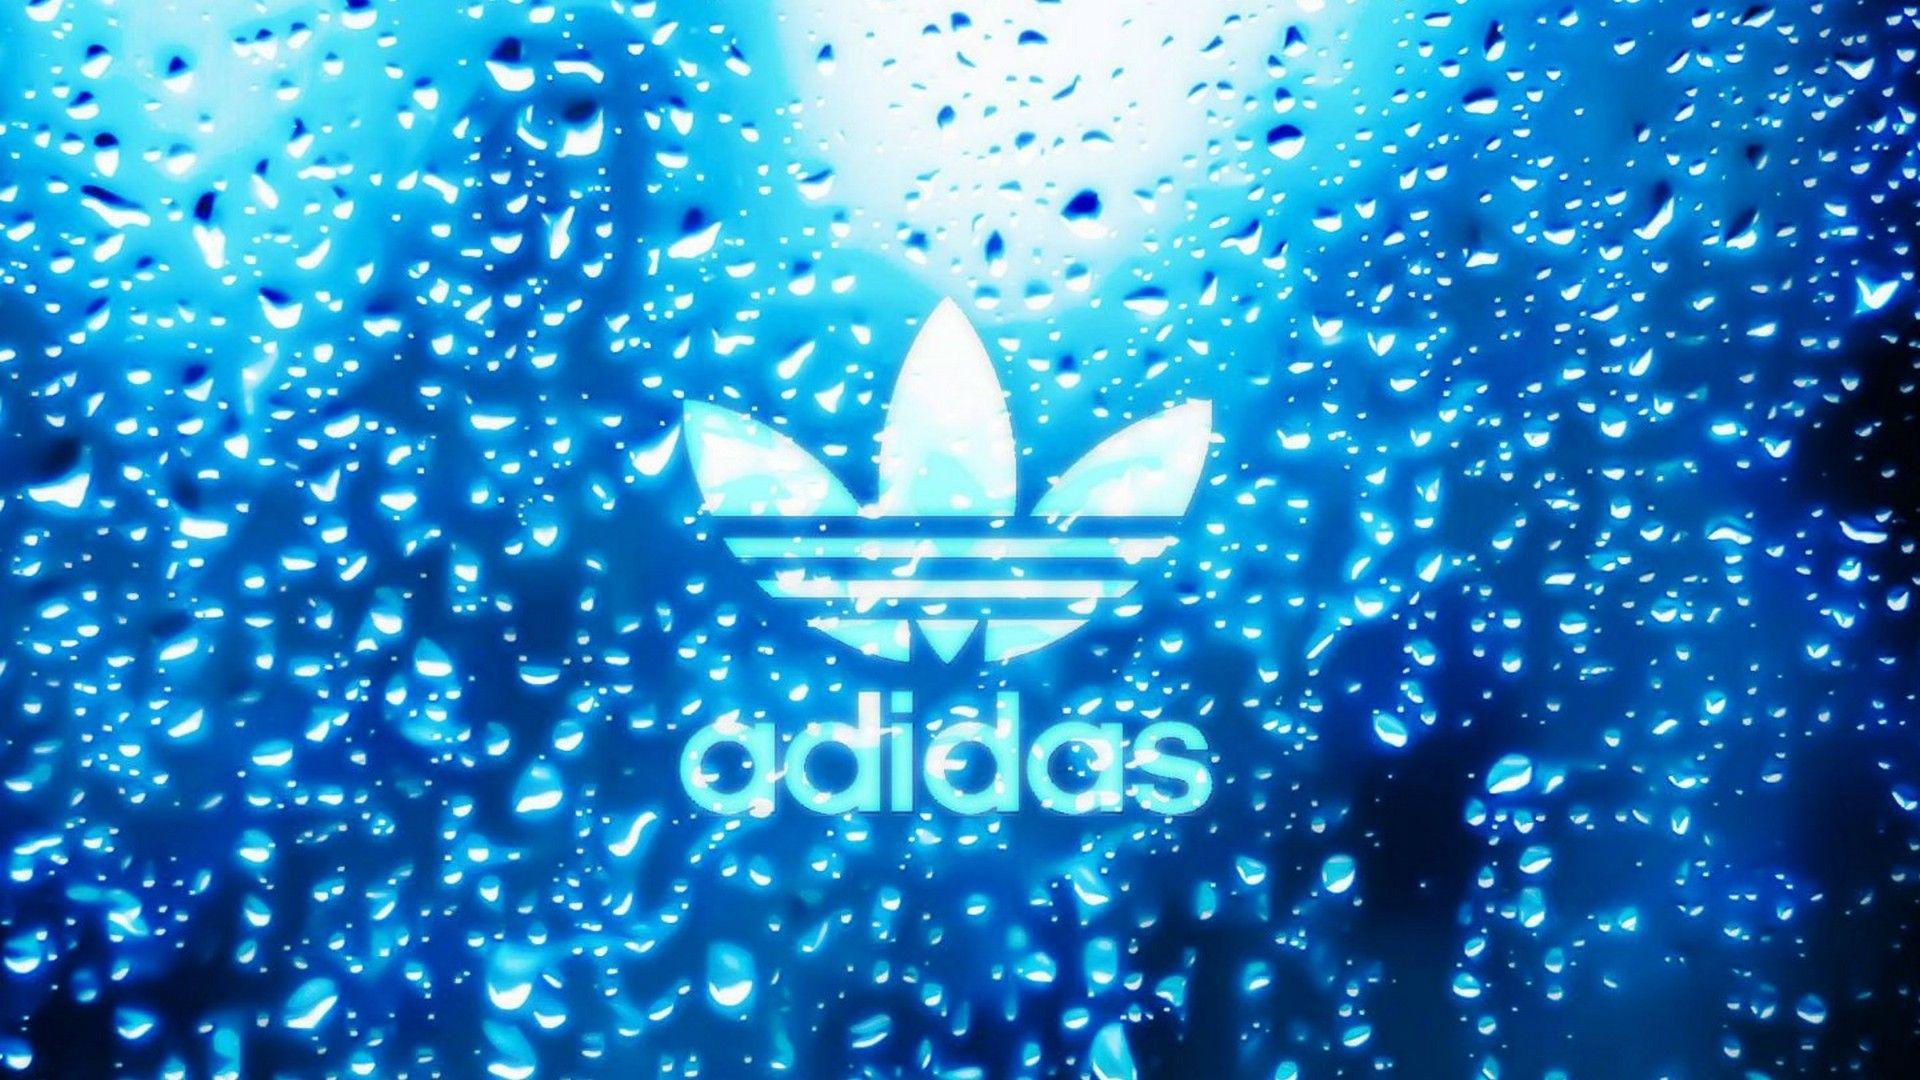 Adidas Screensaver